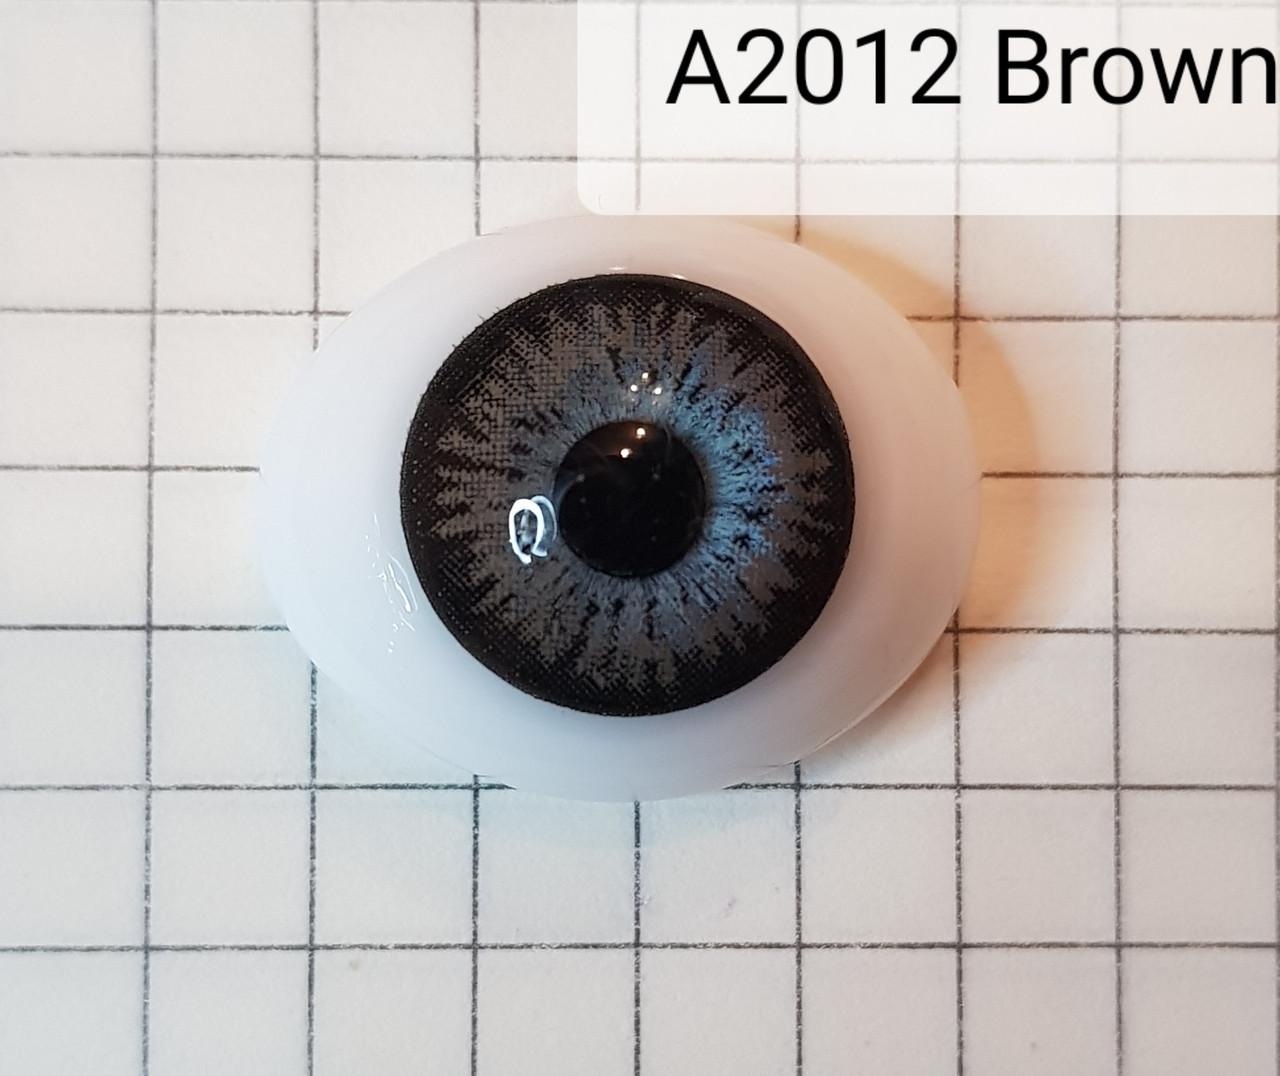 Контактные линзы A2012 Brown -3.50 - фото 3